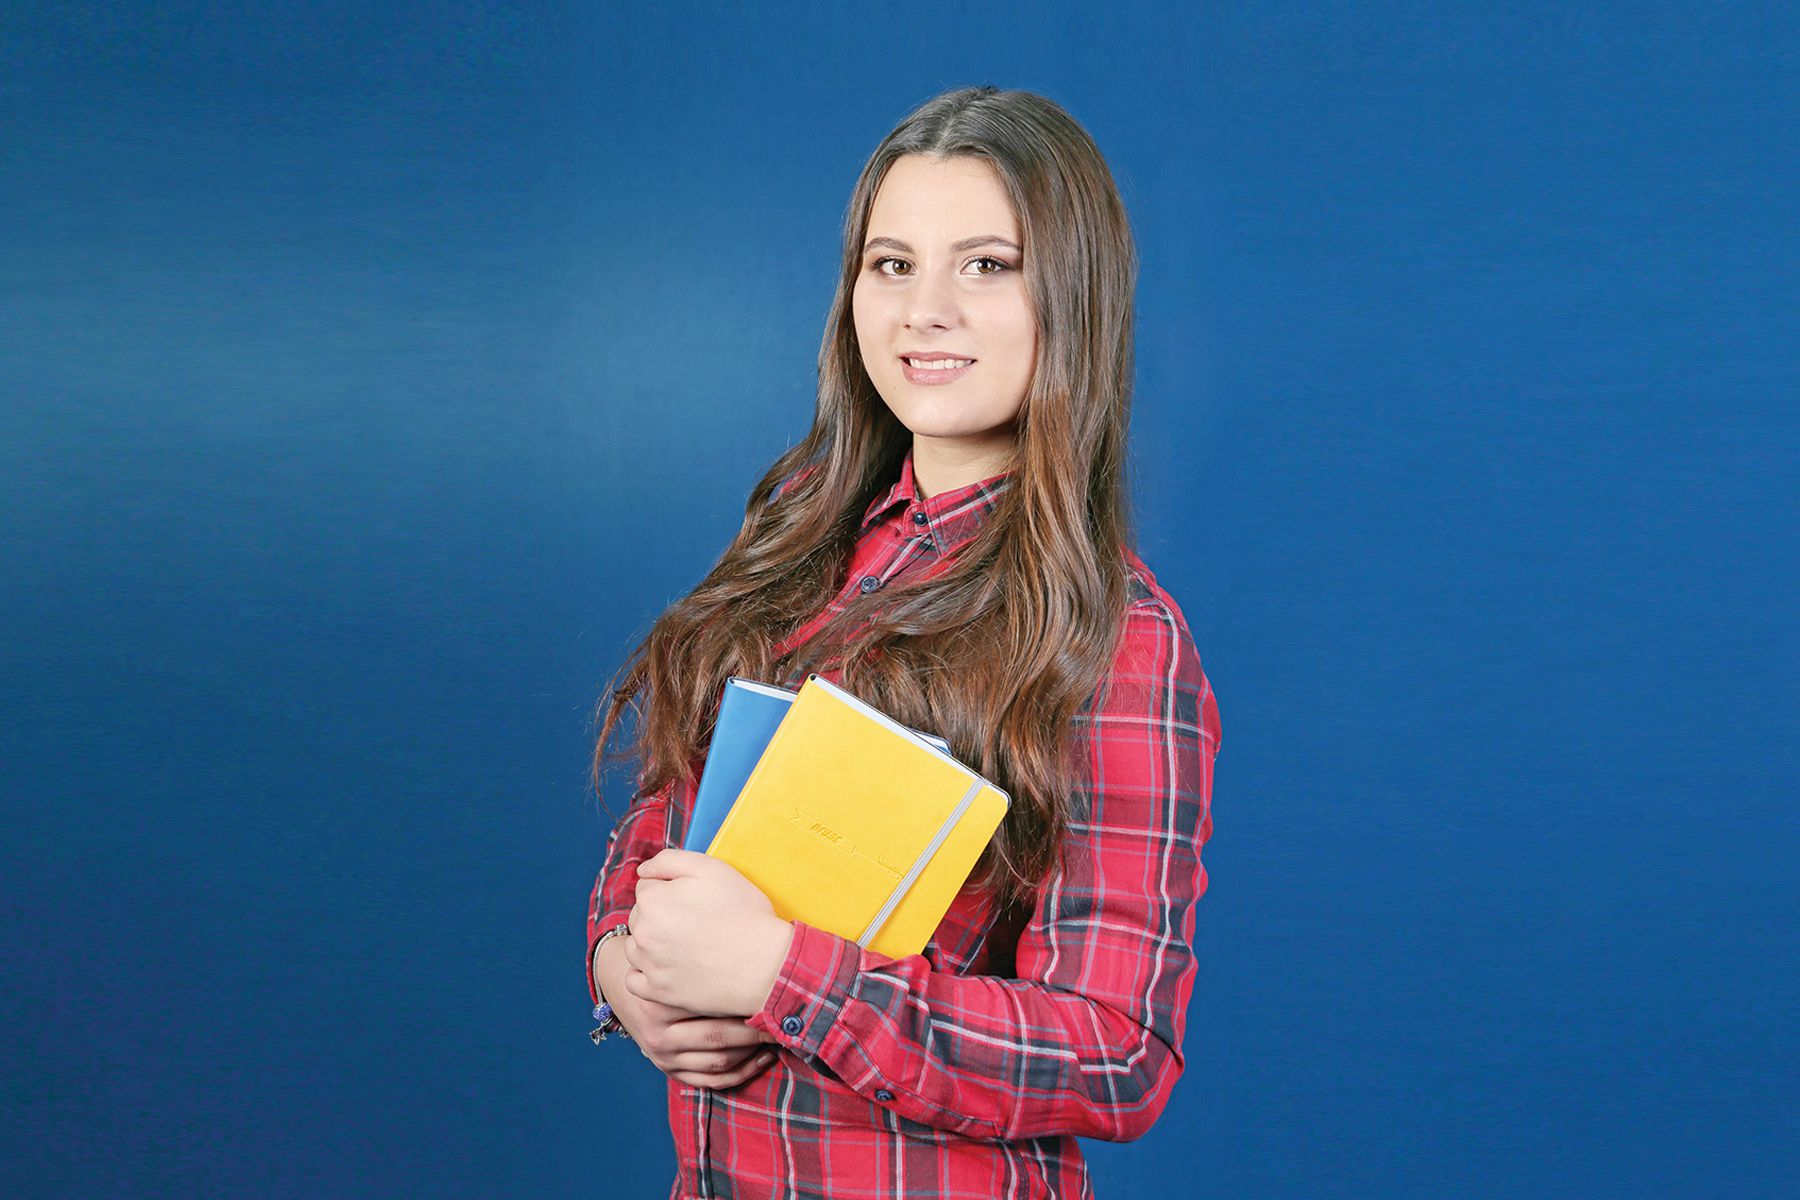 Переход на новый уровень: студентка ВГУЭС участвует в международных соревнованиях по стандартам Ворлдскиллс